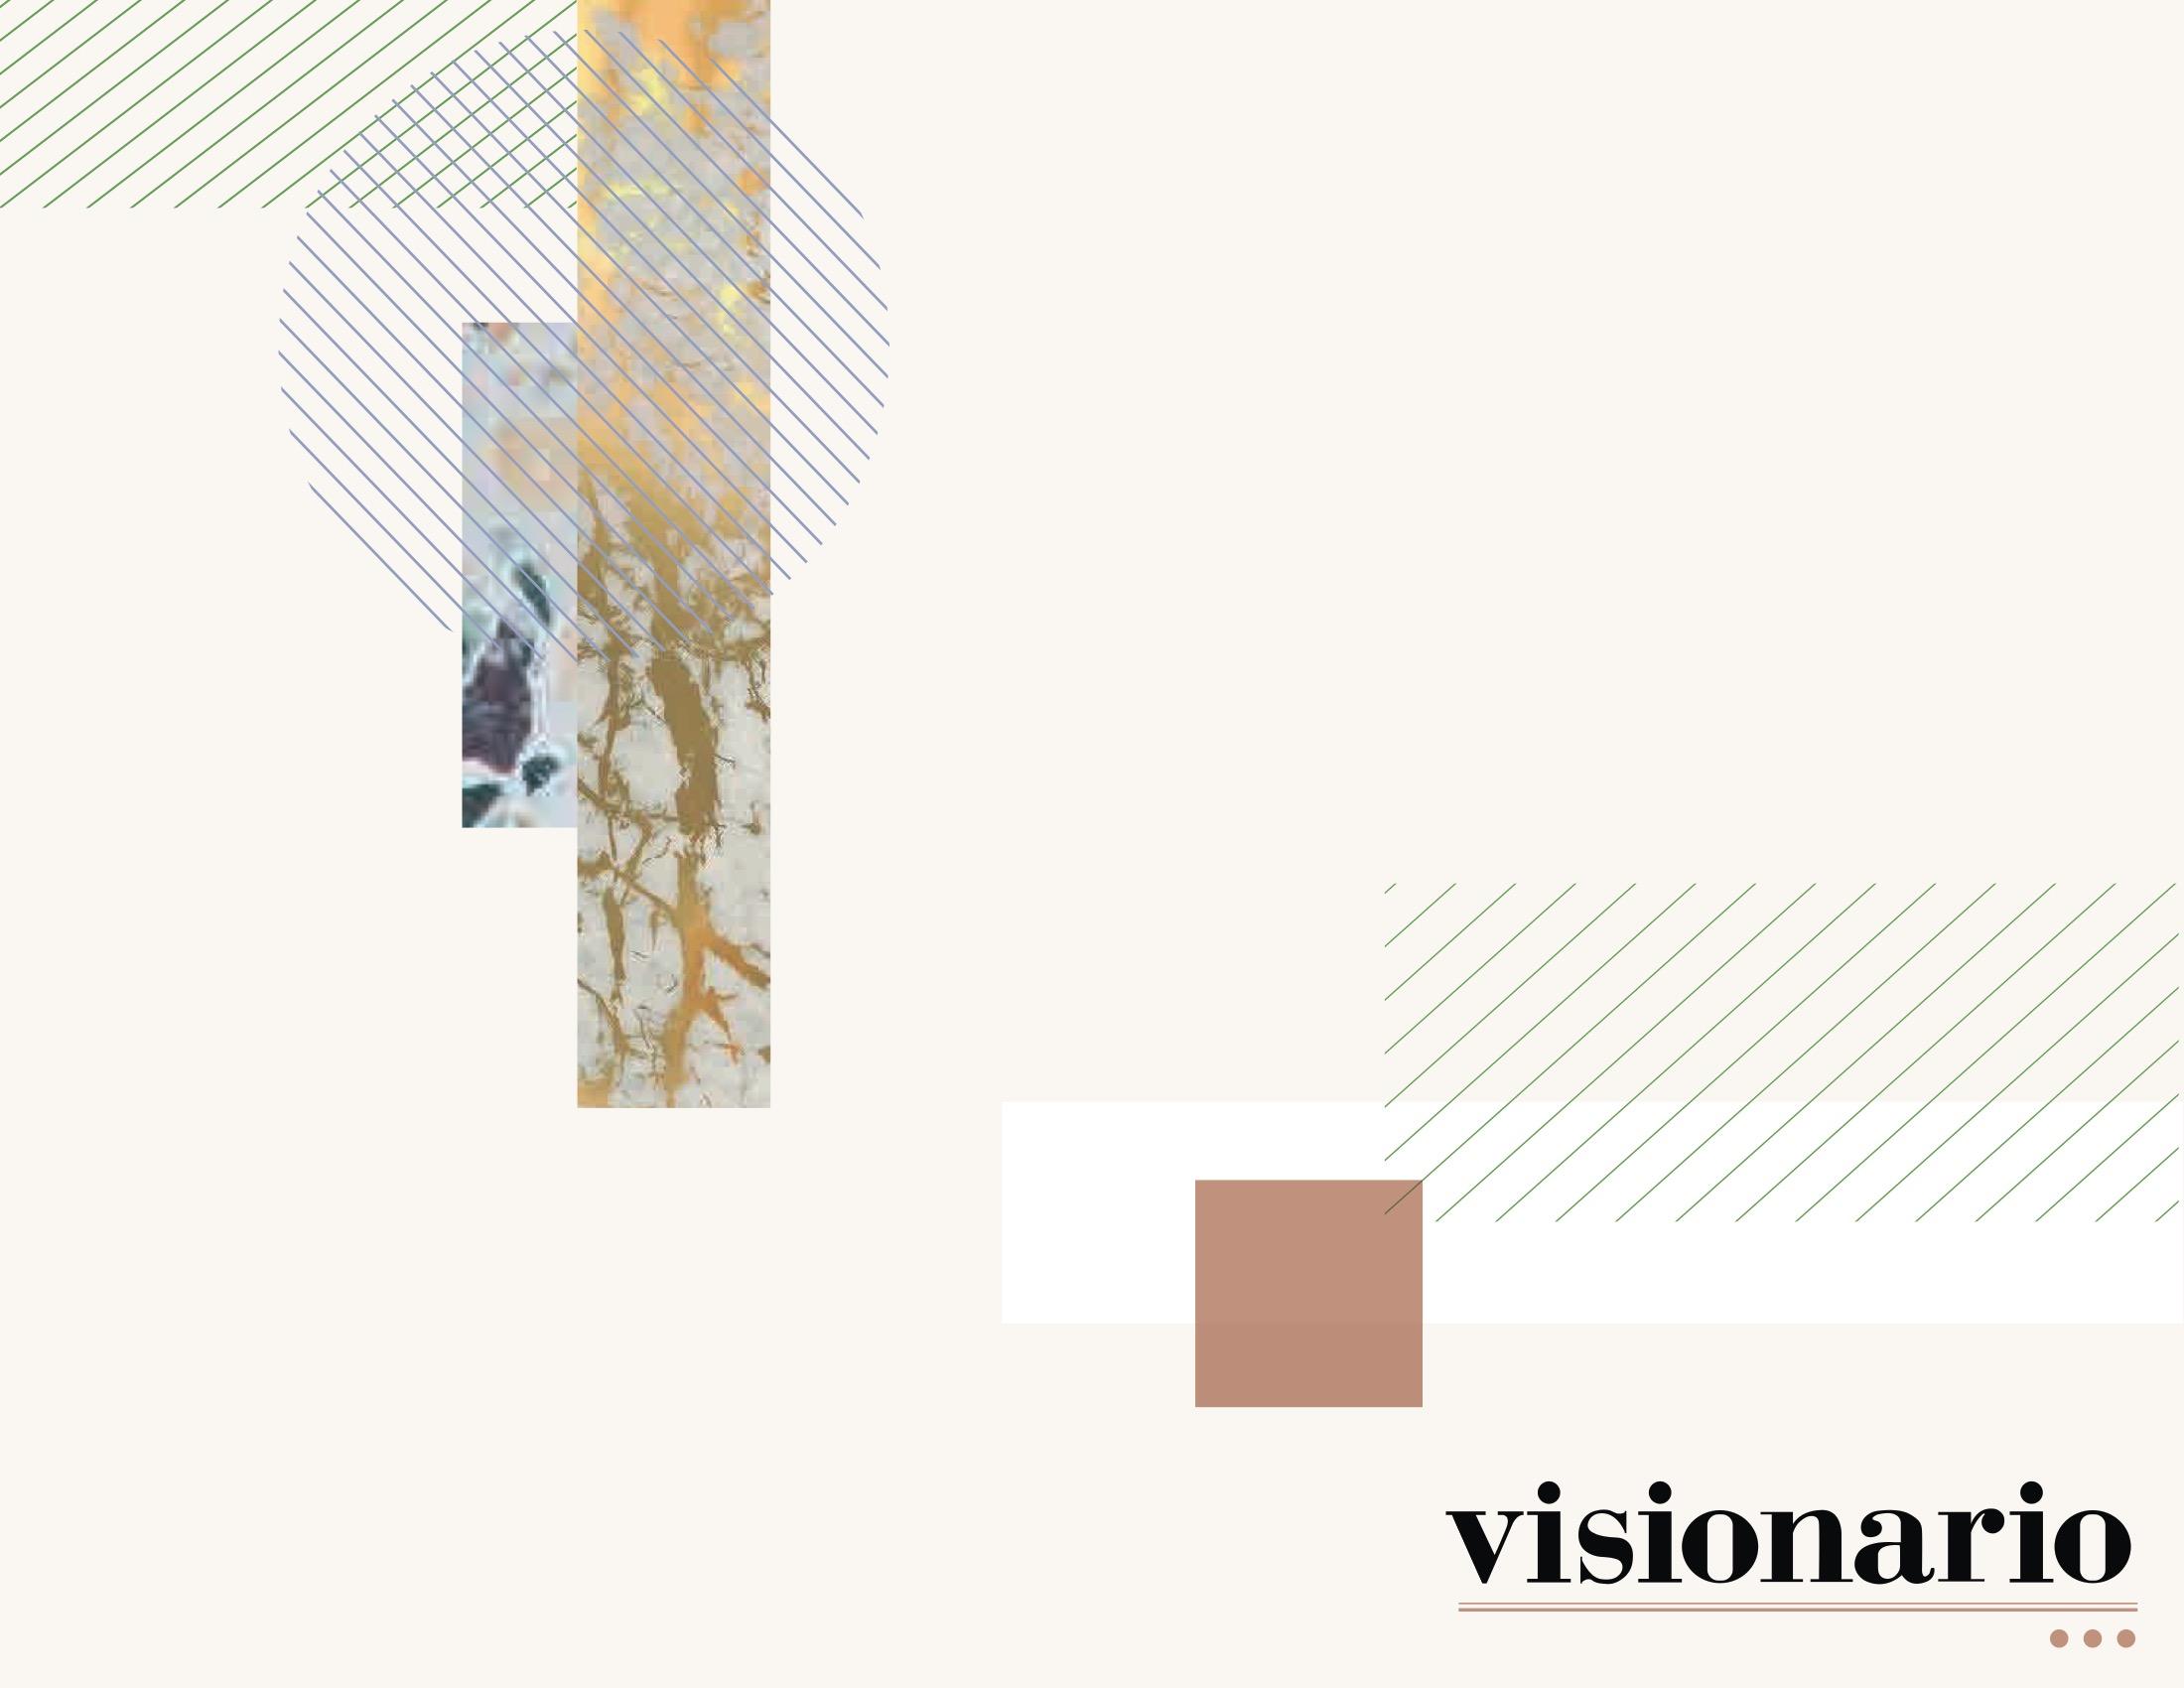 01_visionario_fusion